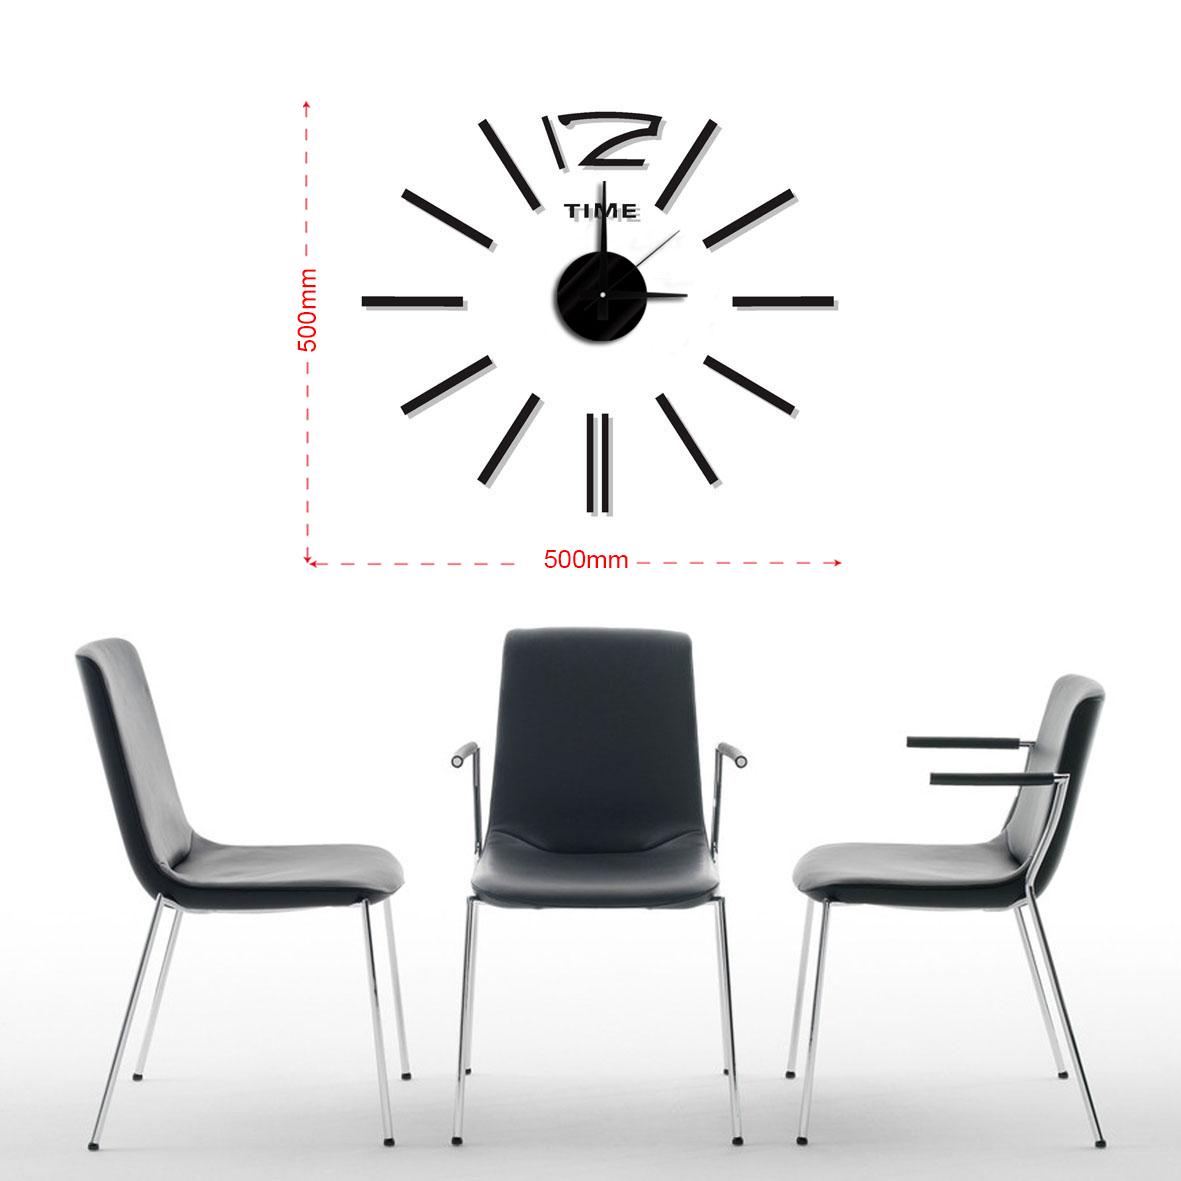 Černé nalepovací hodiny na zeď MPM E01.3510 TIME - průměr 50cm (Černé levné nalepovací hodiny)